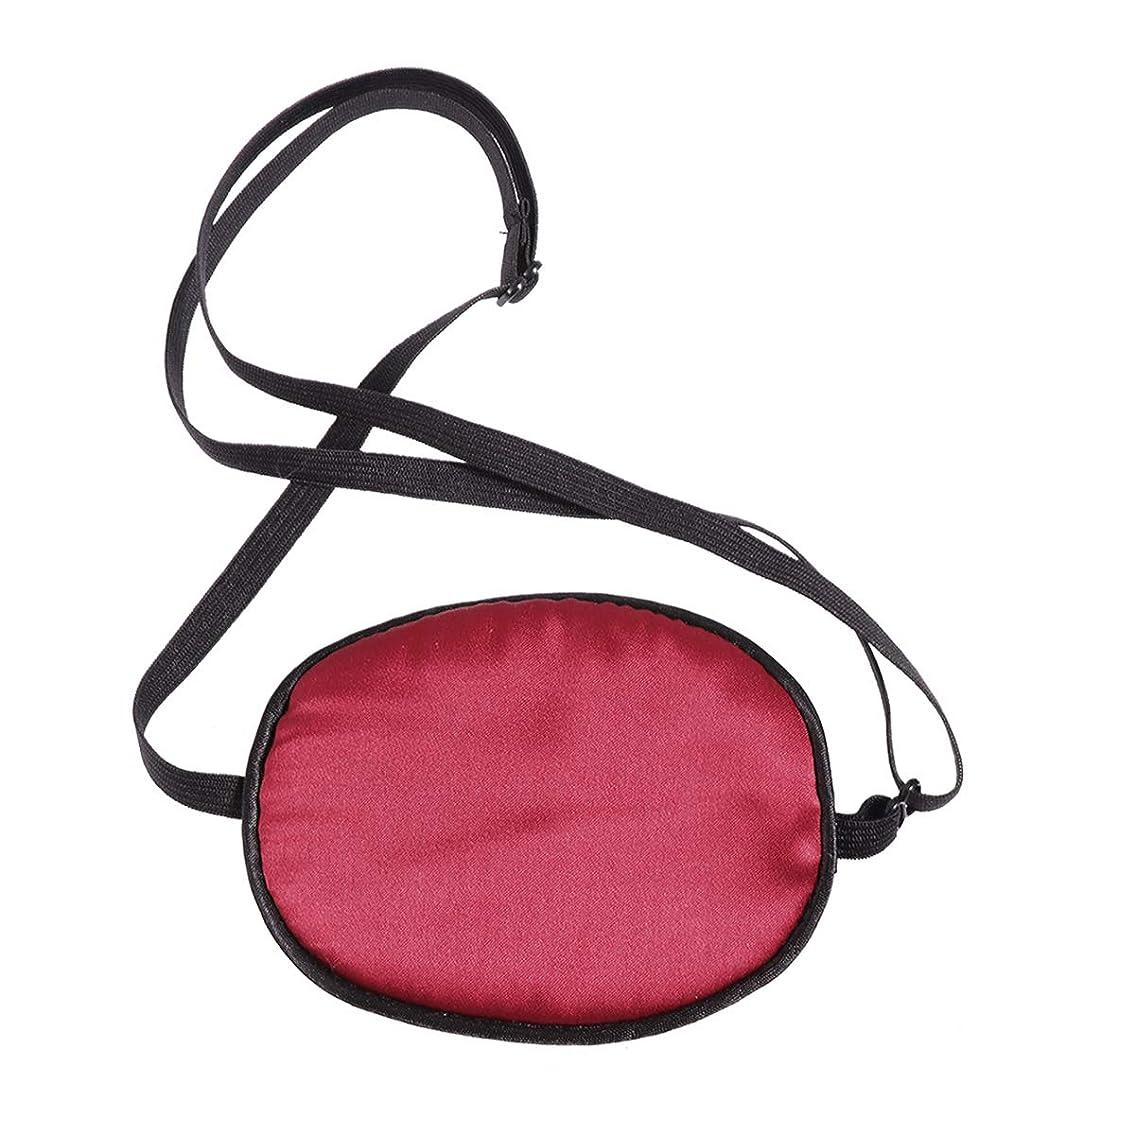 トレース投獄シュリンクHEALIFTY 睡眠の目隠し調節可能な絹の海賊目のパッチ子供の弱視のためのソフトで快適な単一の目のマスク正面の怠惰な目